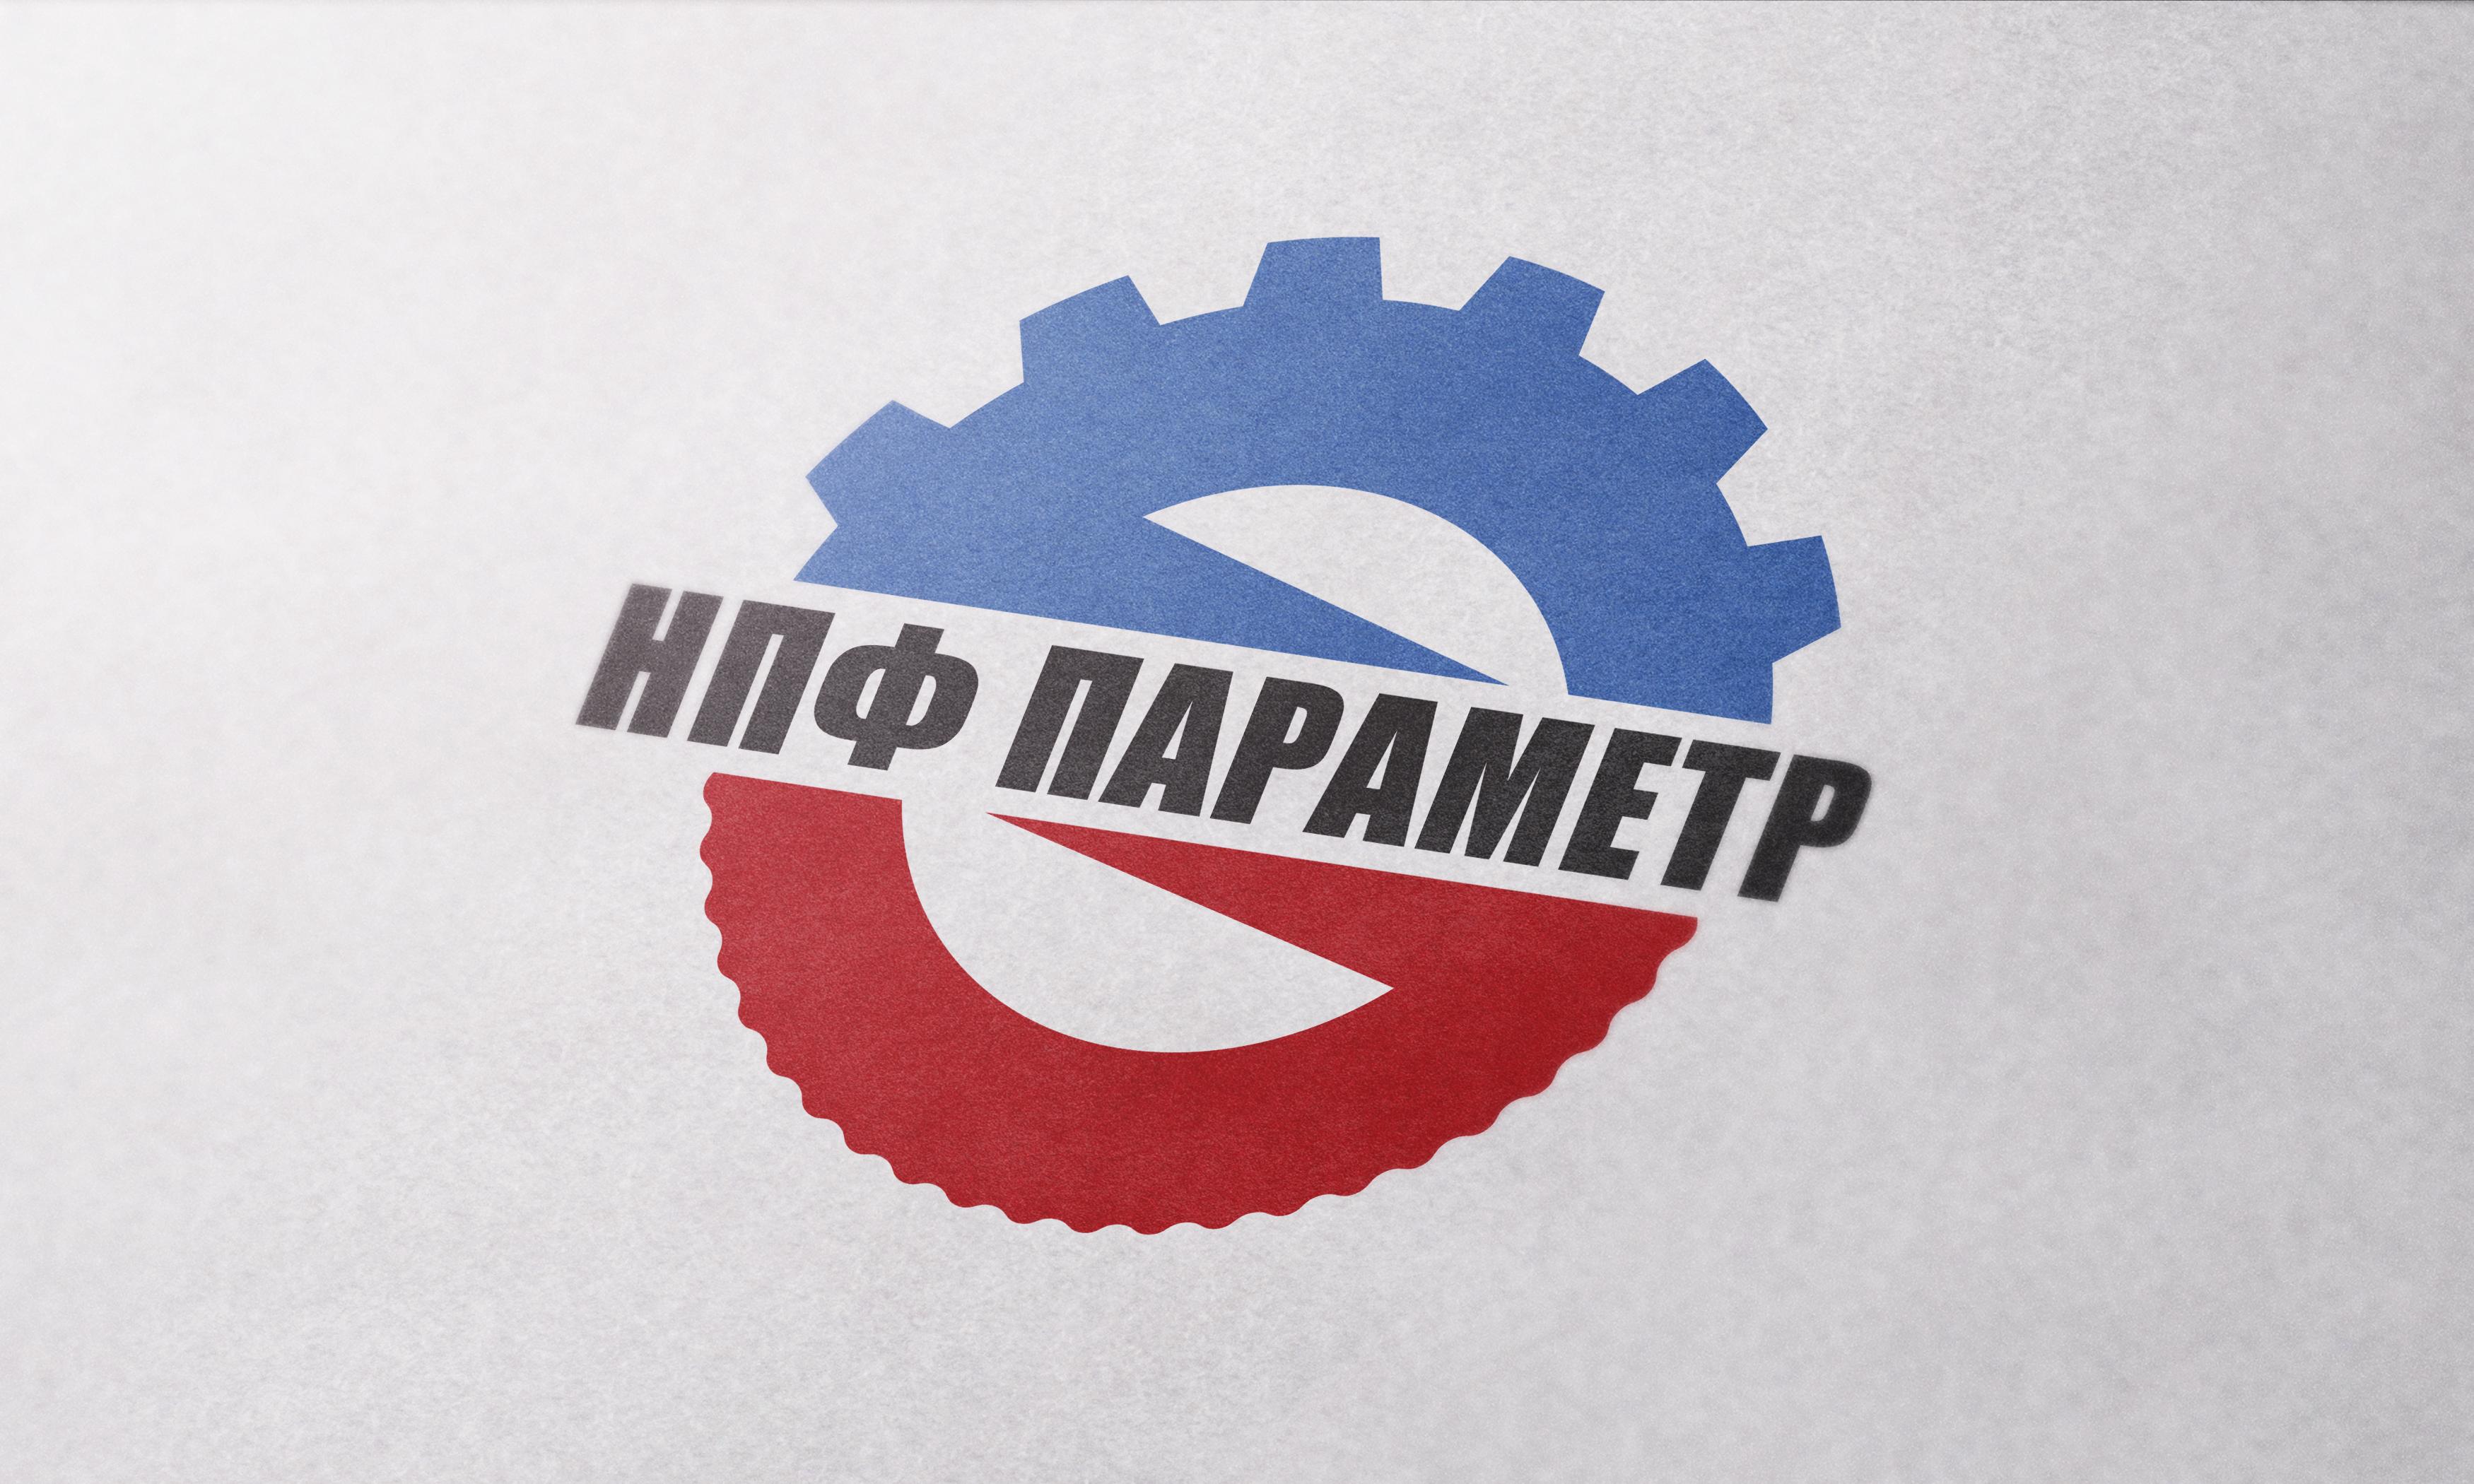 НПФ Параметр